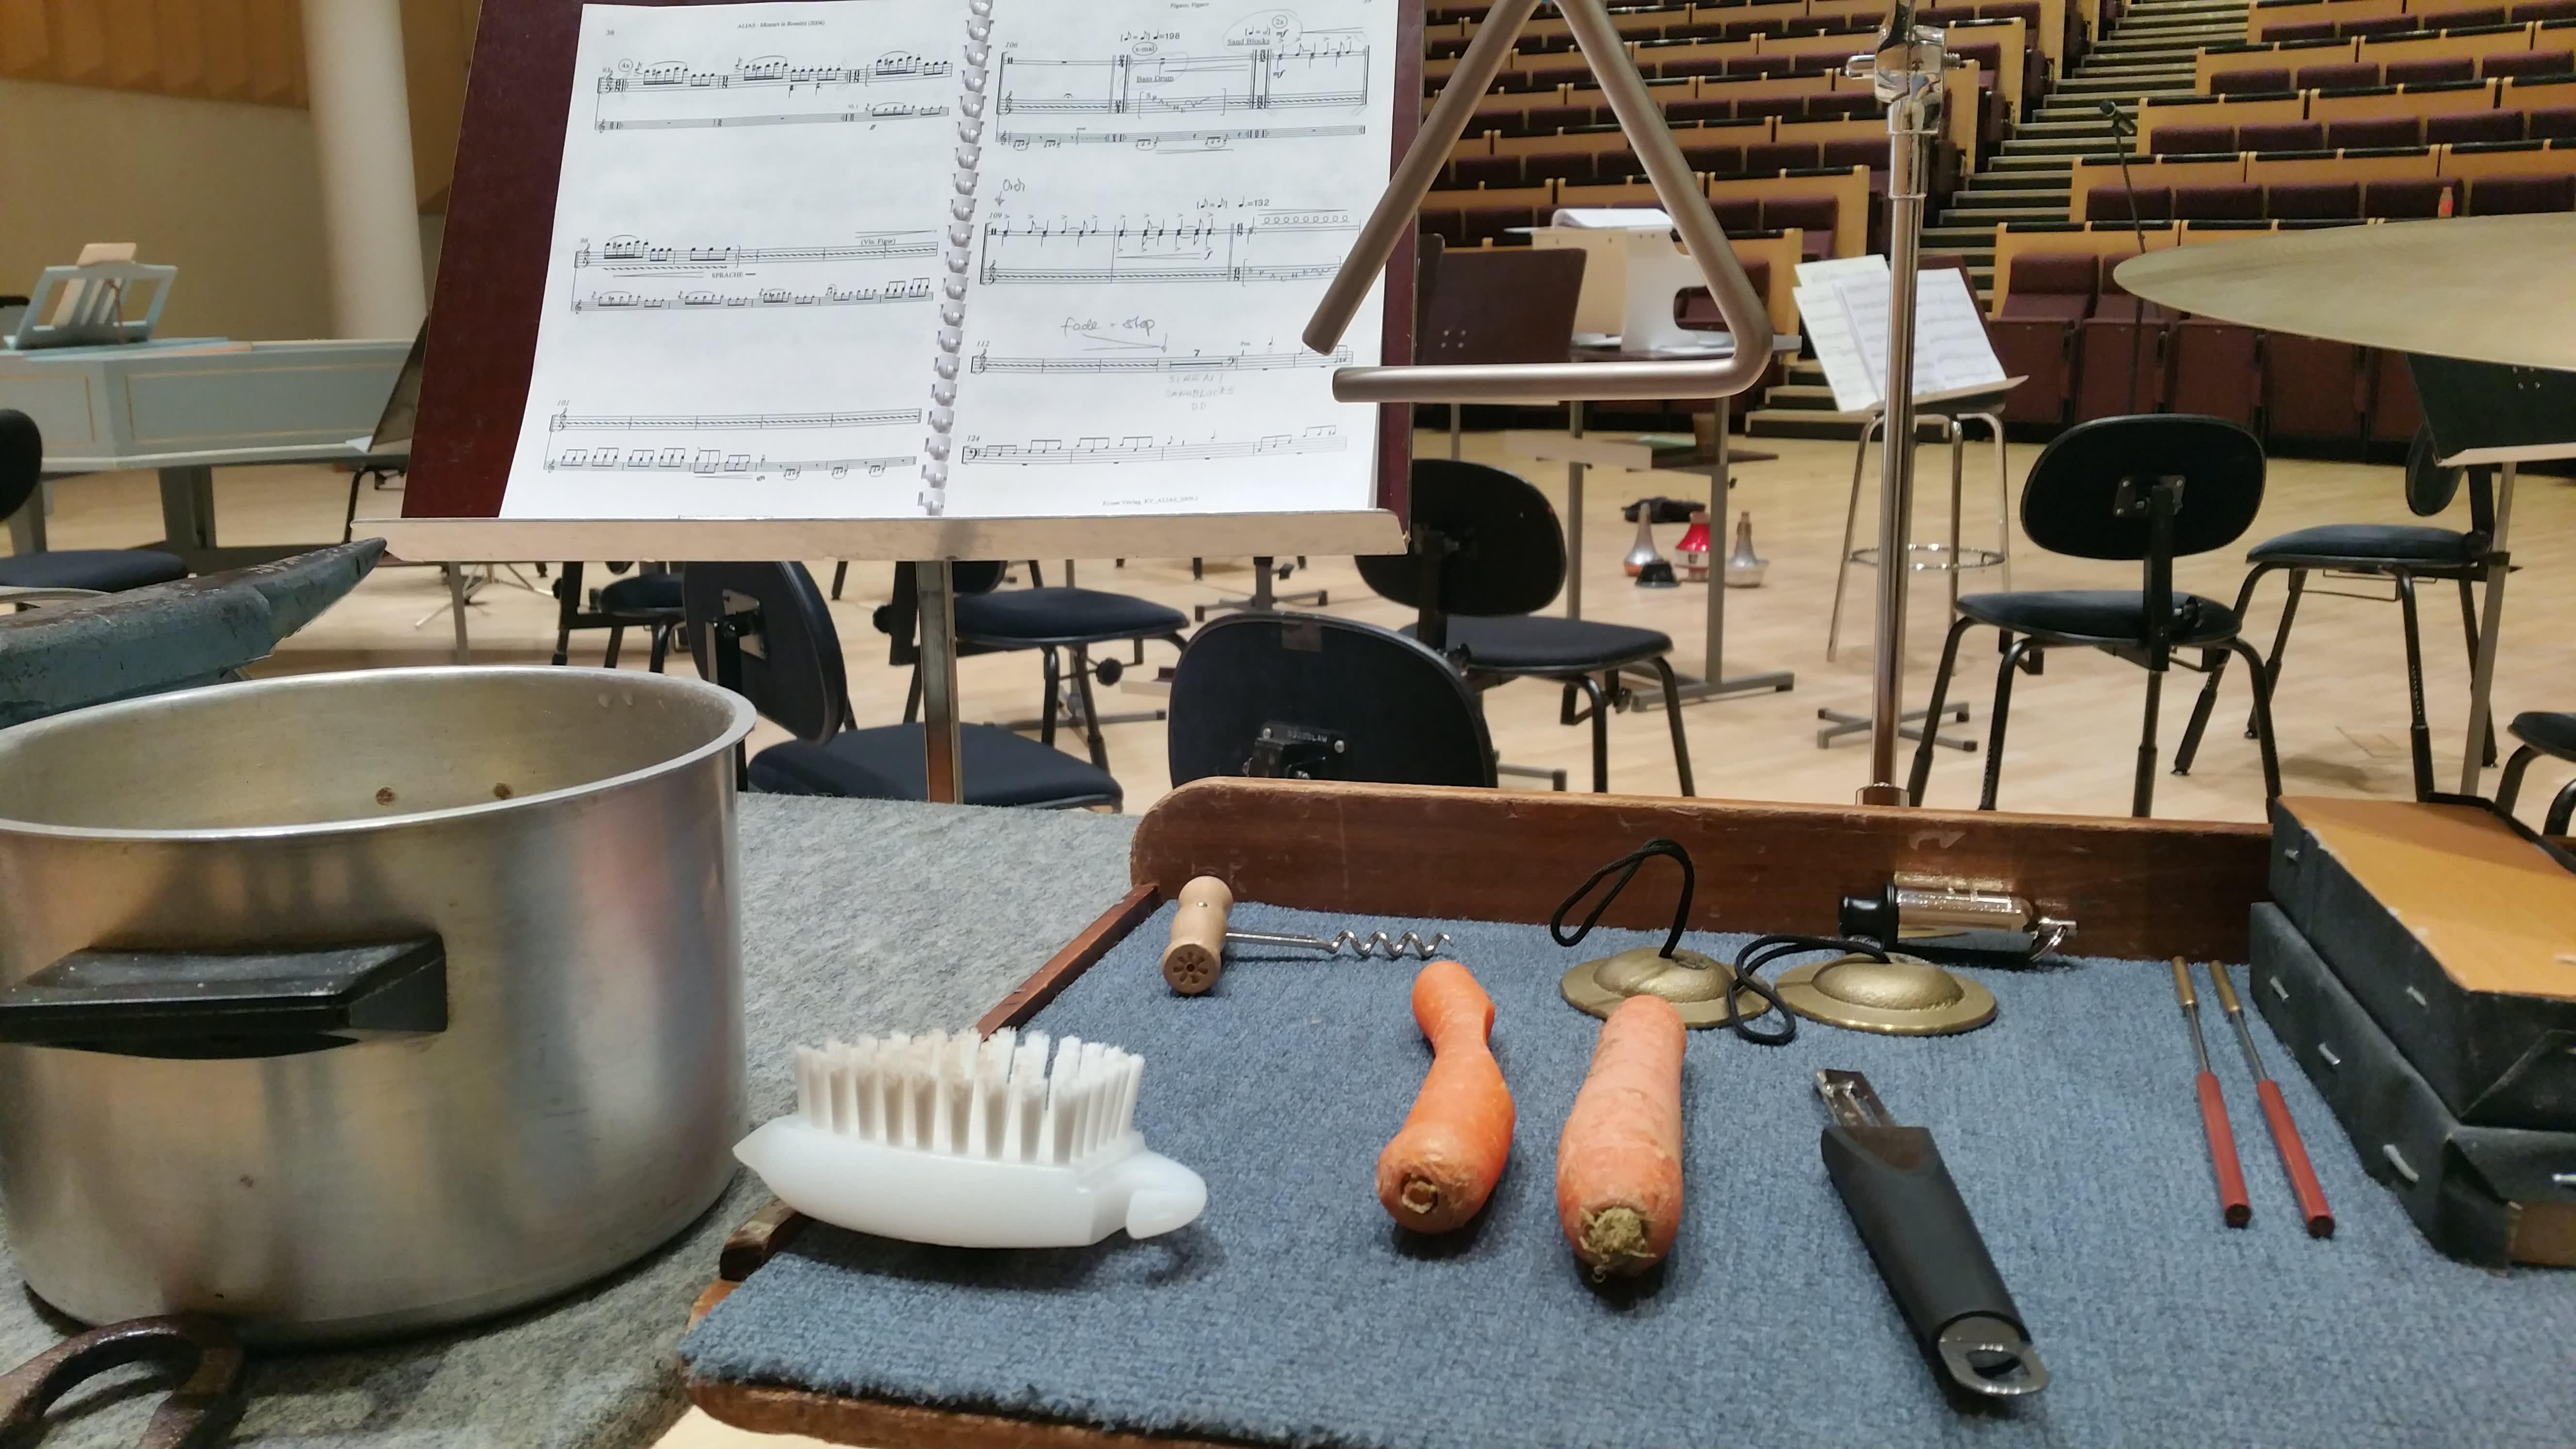 Kattila, porkkanat, juuresharja ja muita keittiötarvikkeita konserttisalissa.